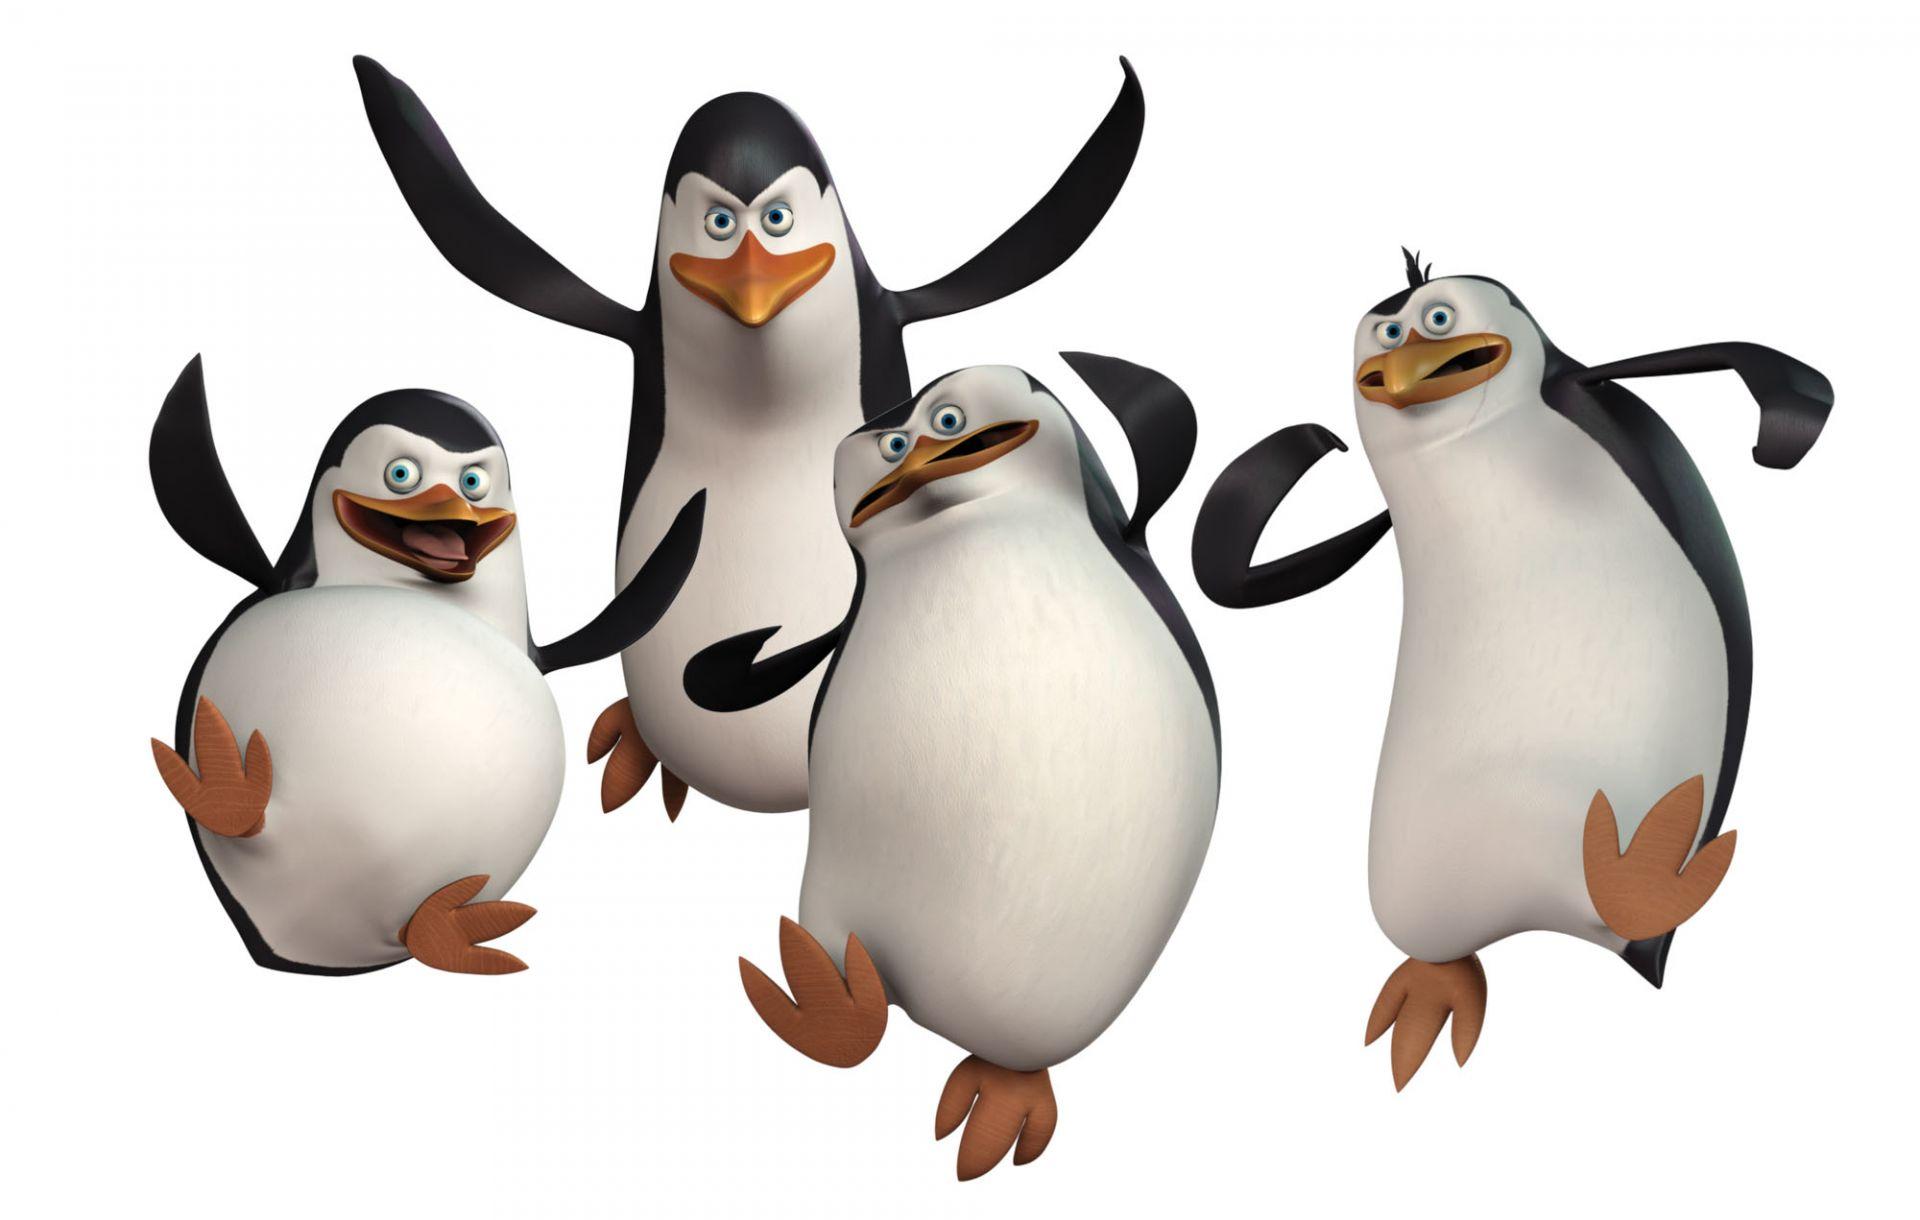 企鹅是《马达加斯加